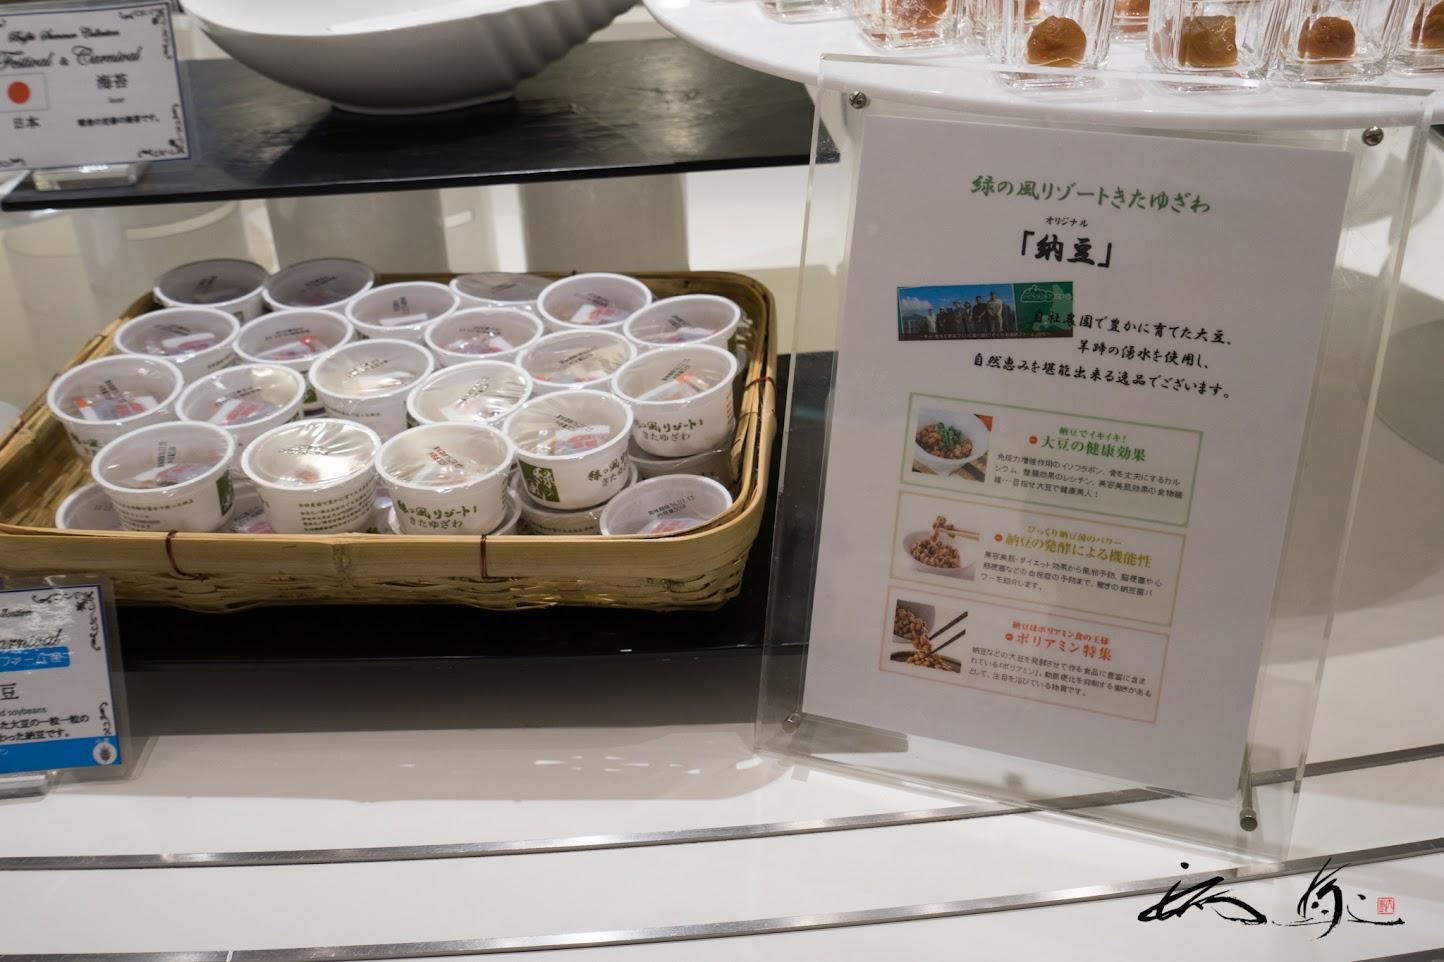 緑の風リゾートきたゆざわオリジナル納豆